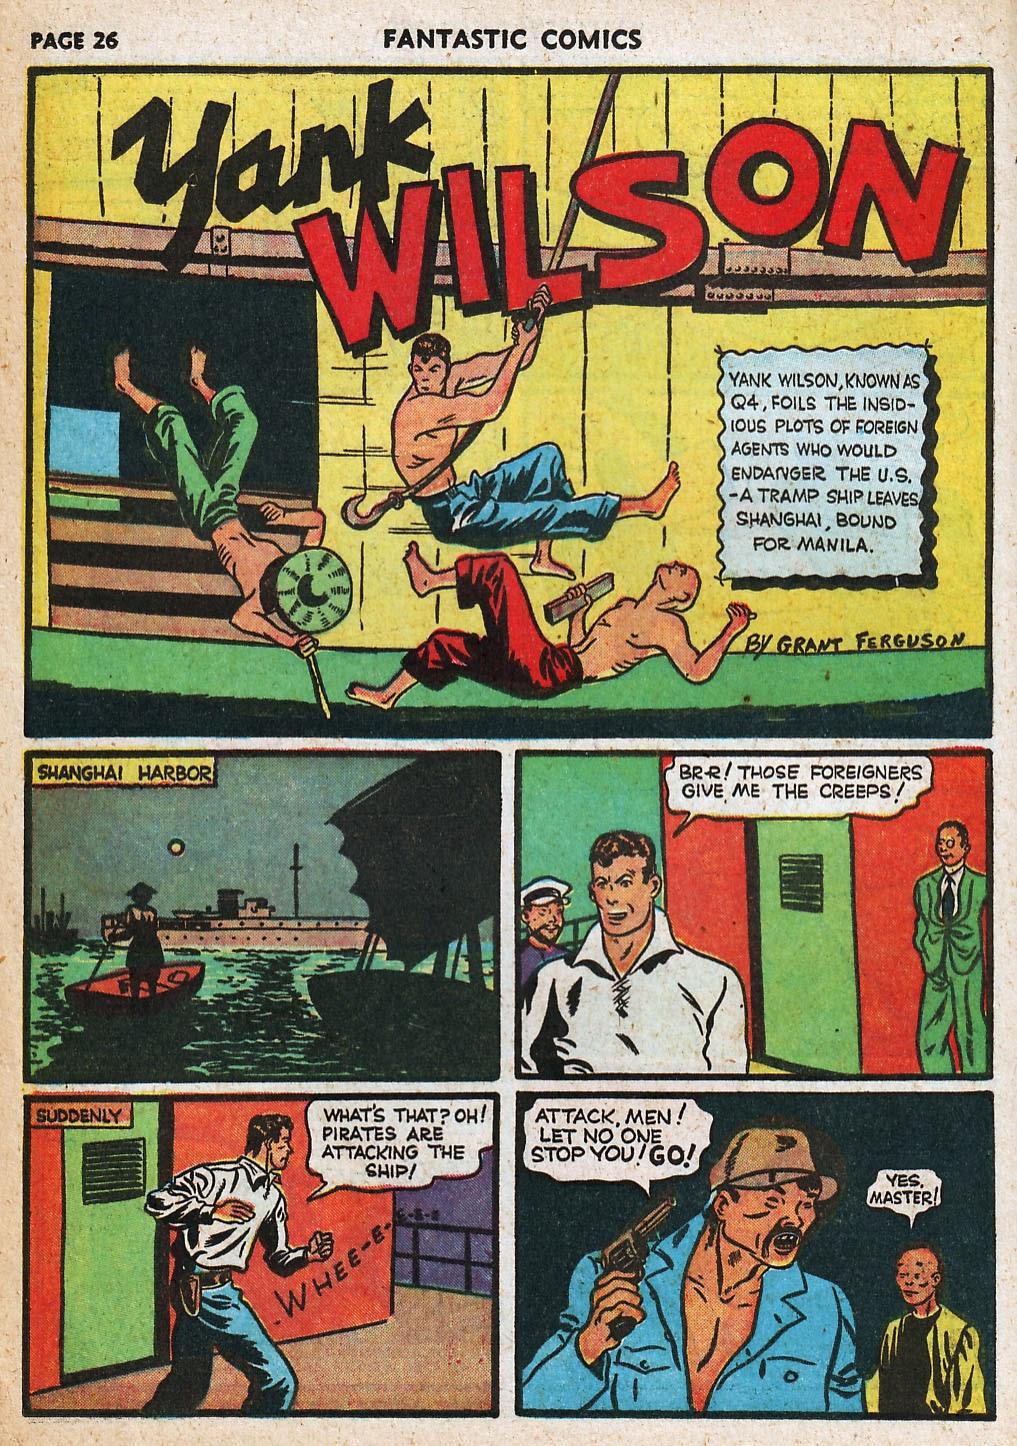 Read online Fantastic Comics comic -  Issue #20 - 27